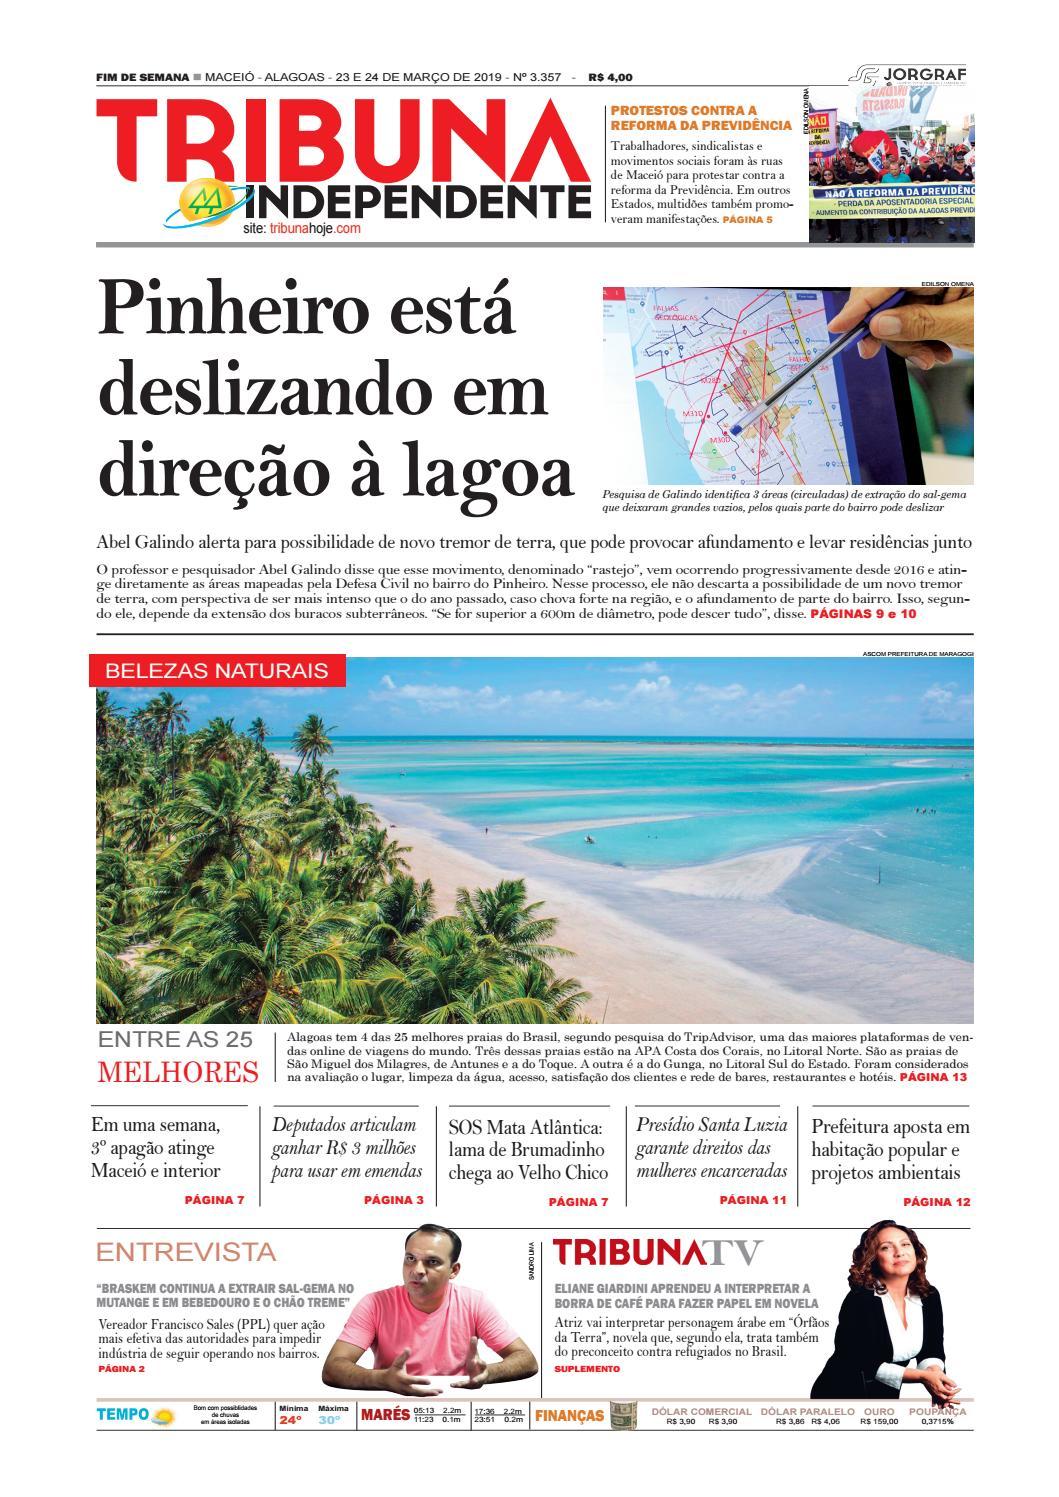 f380c5c41 Edição número 3357 - 23 e 24 de março de 2019 by Tribuna Hoje - issuu